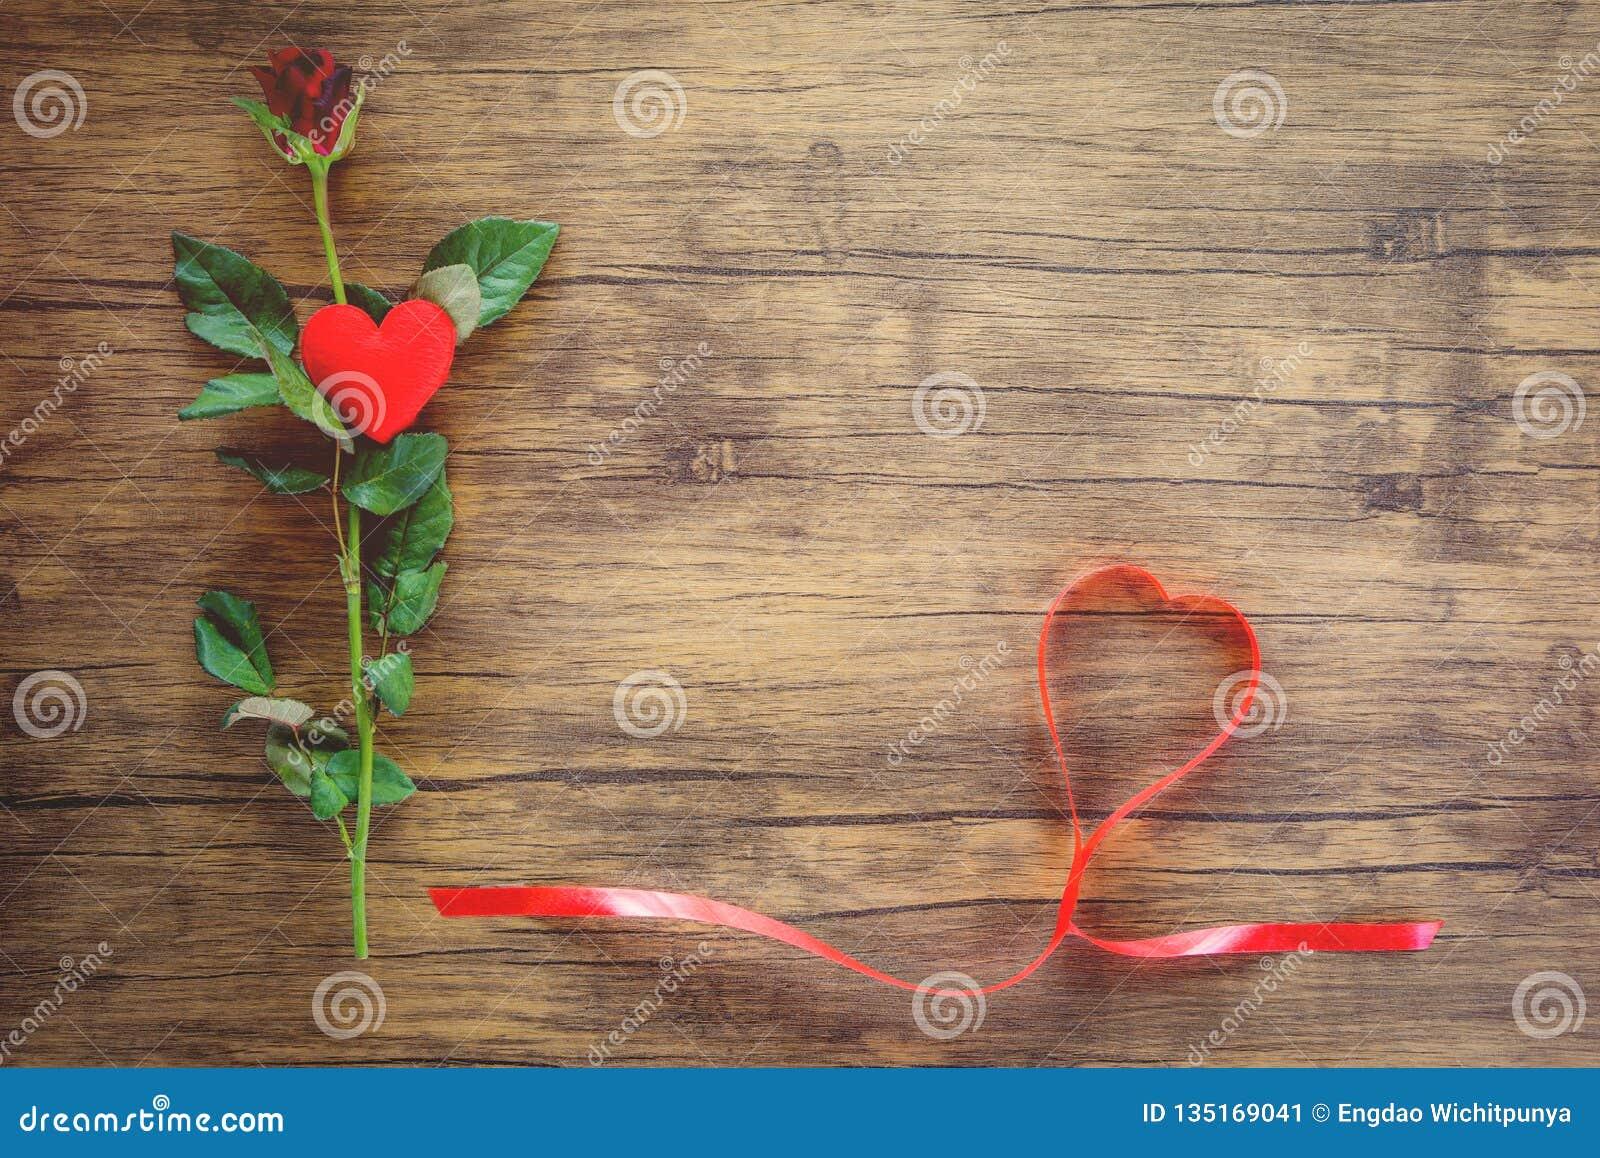 Η ημέρα βαλεντίνων κόκκινη αυξήθηκε λουλούδι στην ξύλινη κόκκινη καρδιά με τα τριαντάφυλλα και την κόκκινη καρδιά κορδελλών στο τ